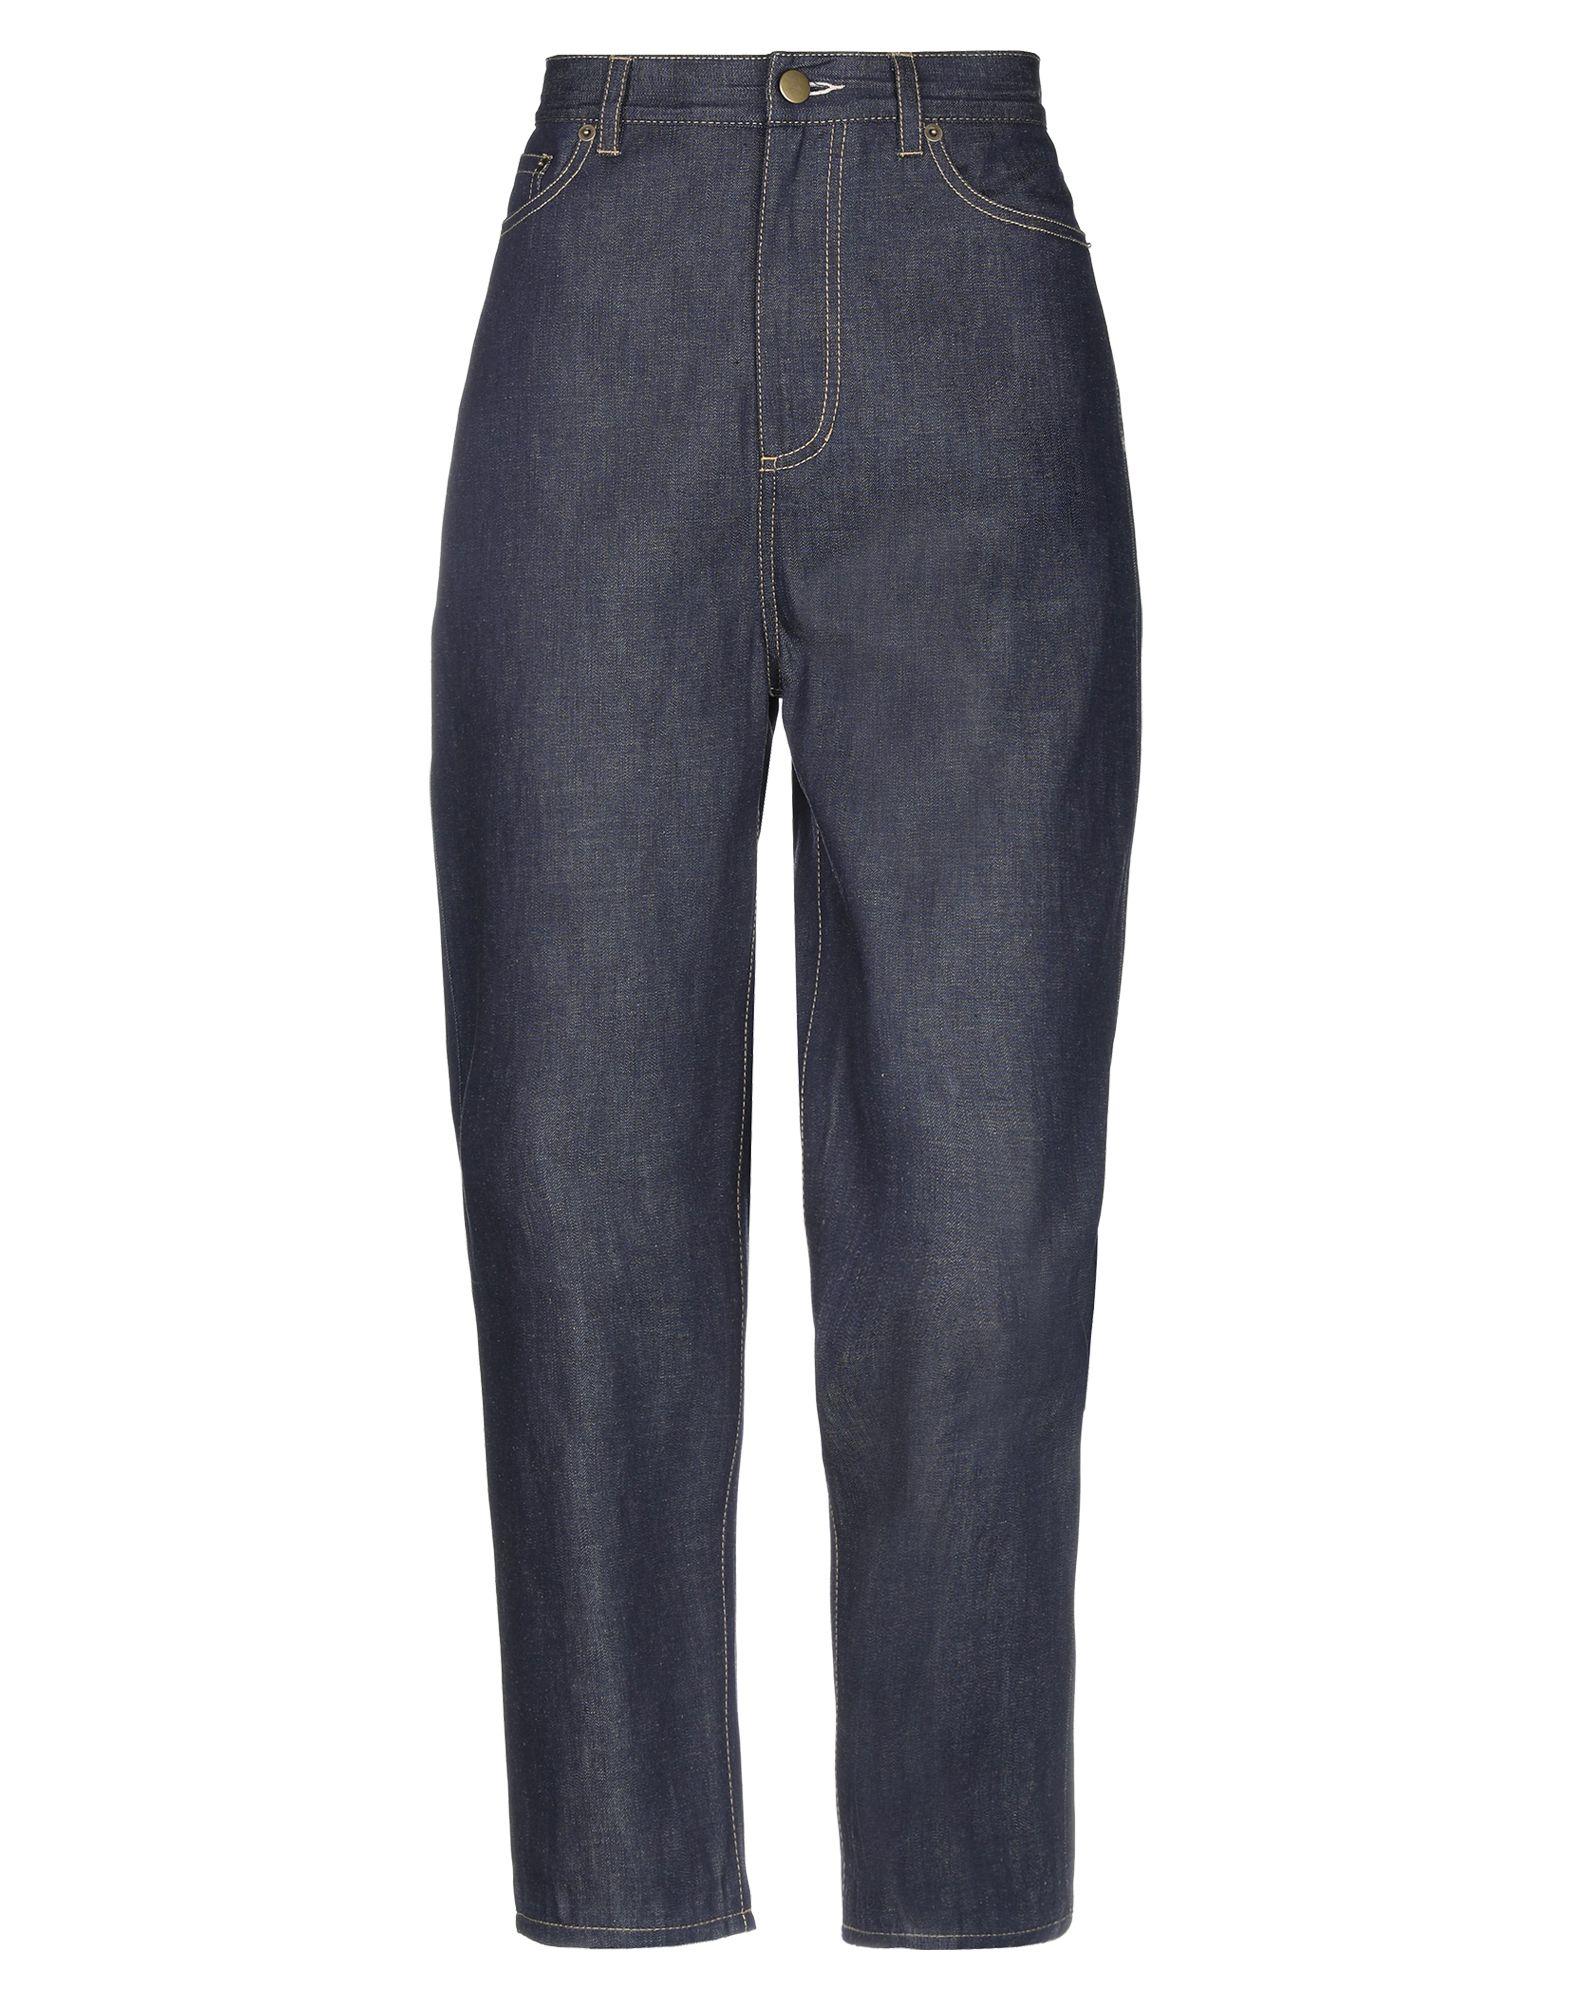 3.1 PHILLIP LIM Джинсовые брюки